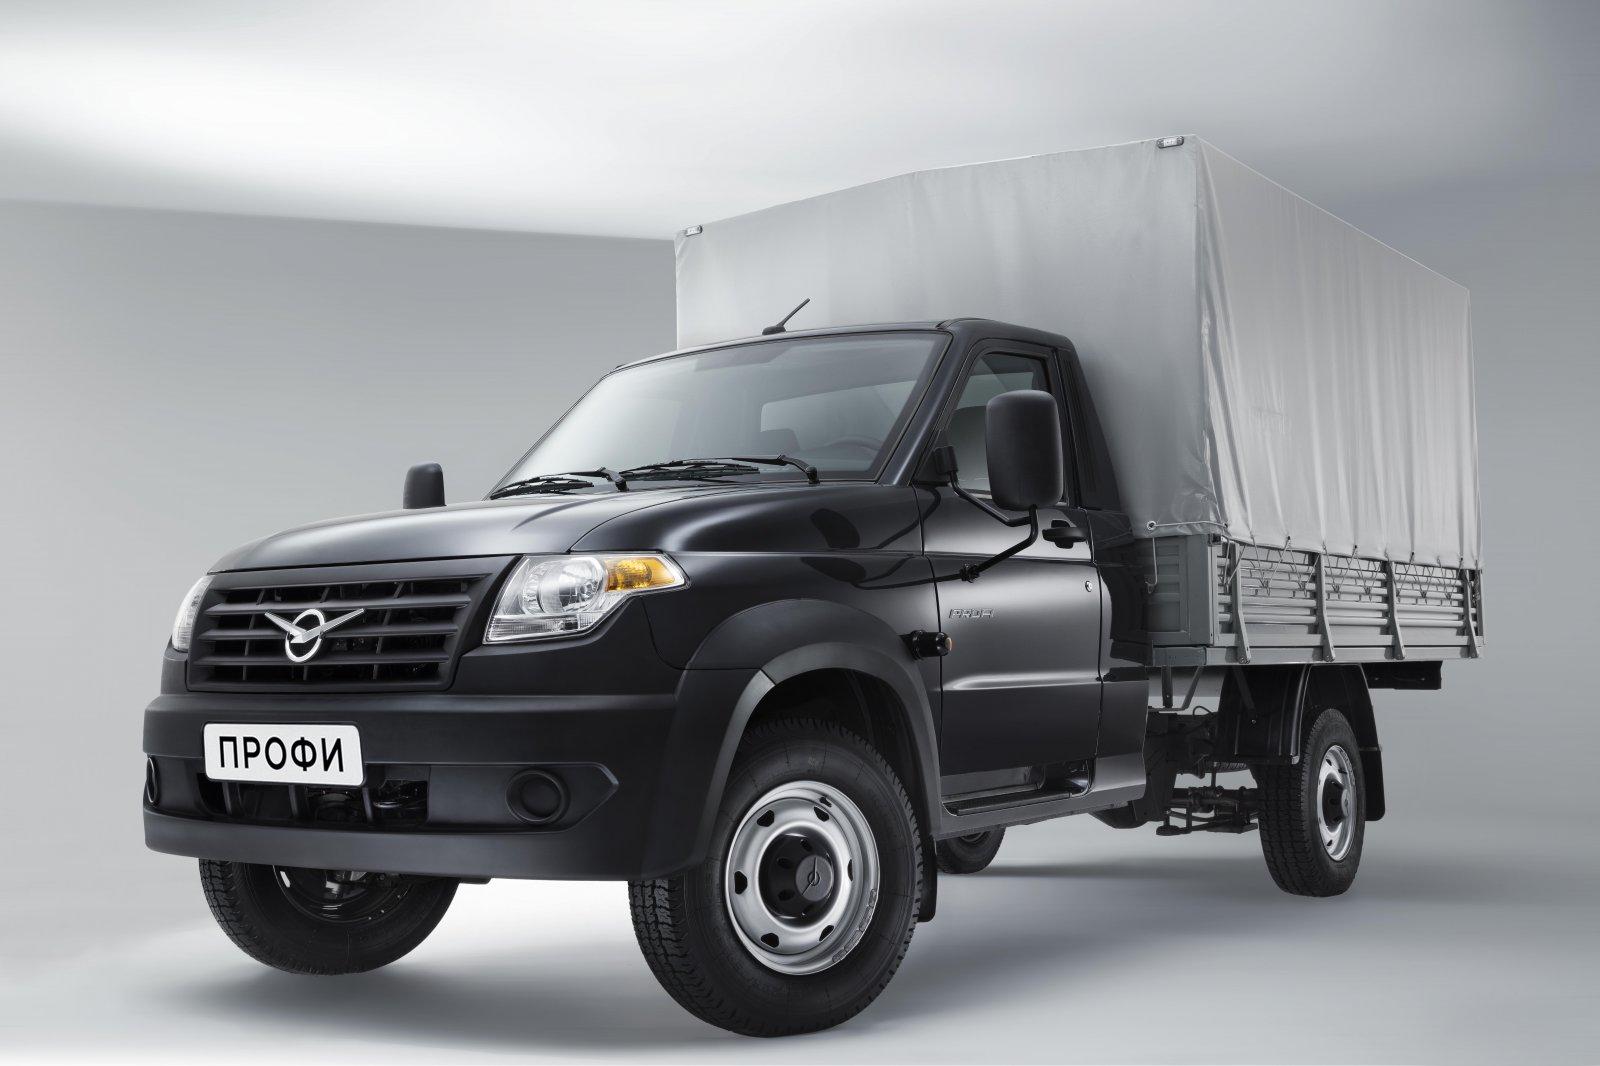 Теперь с будкой: УАЗ «Профи» получил новый кузов